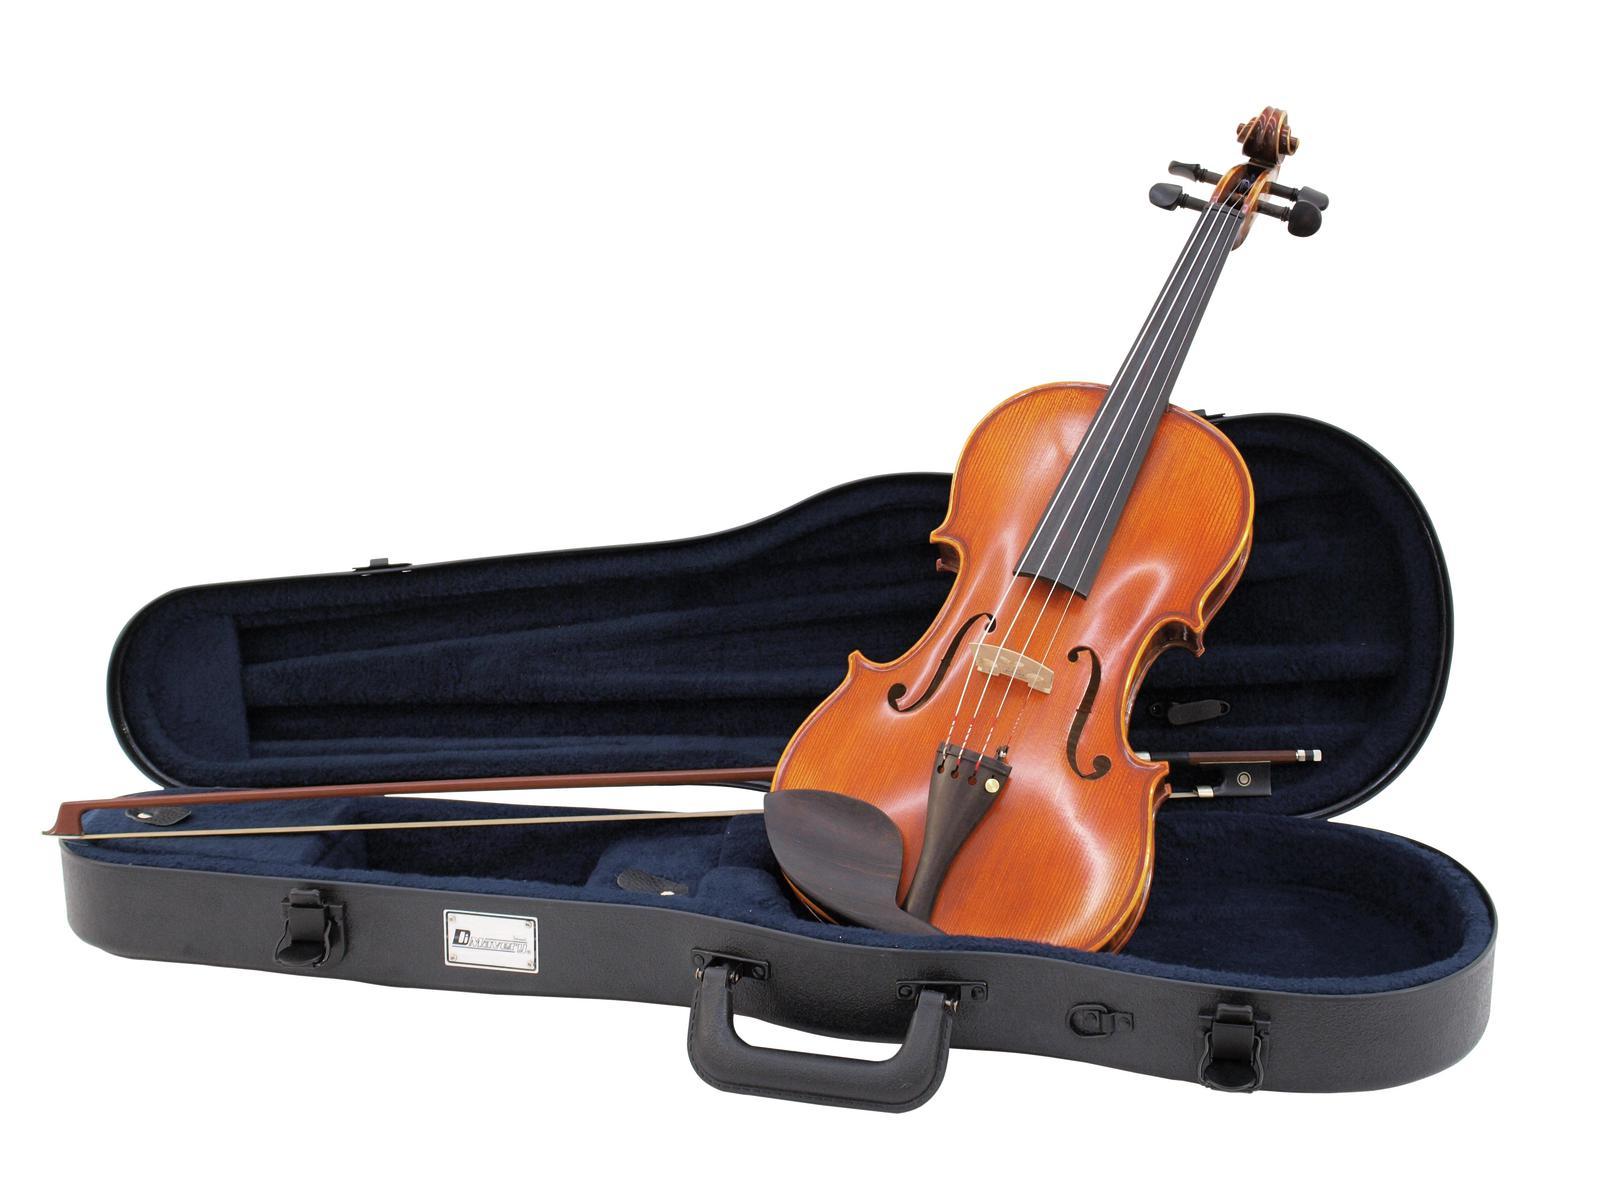 Custodia Borsa in ABS per violino 1/8 DIMAVERY